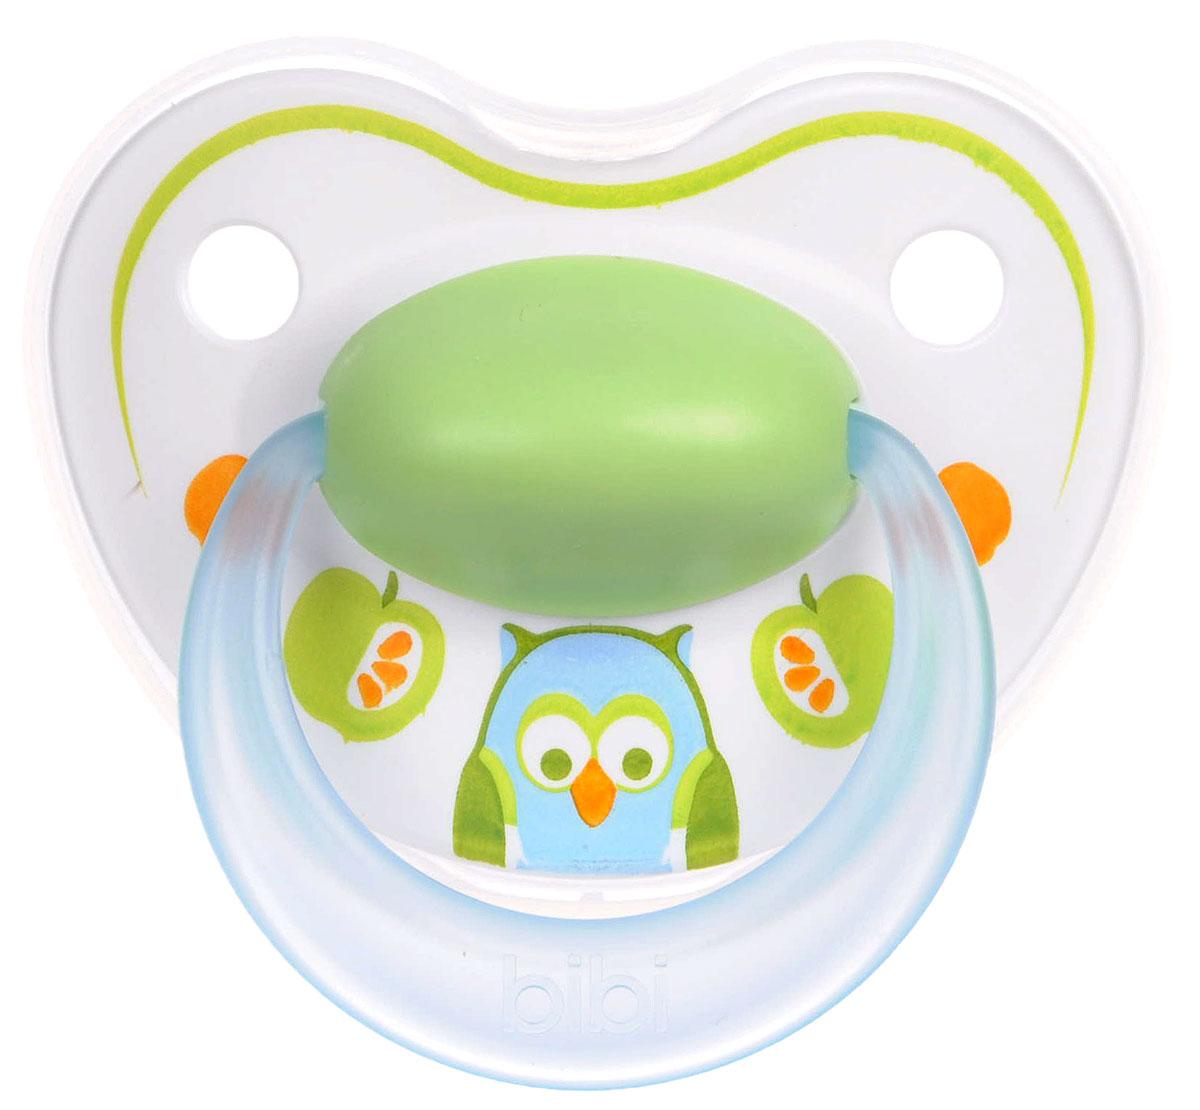 Bibi Пустышка силиконовая Happiness Сова от 6 до 16 месяцев